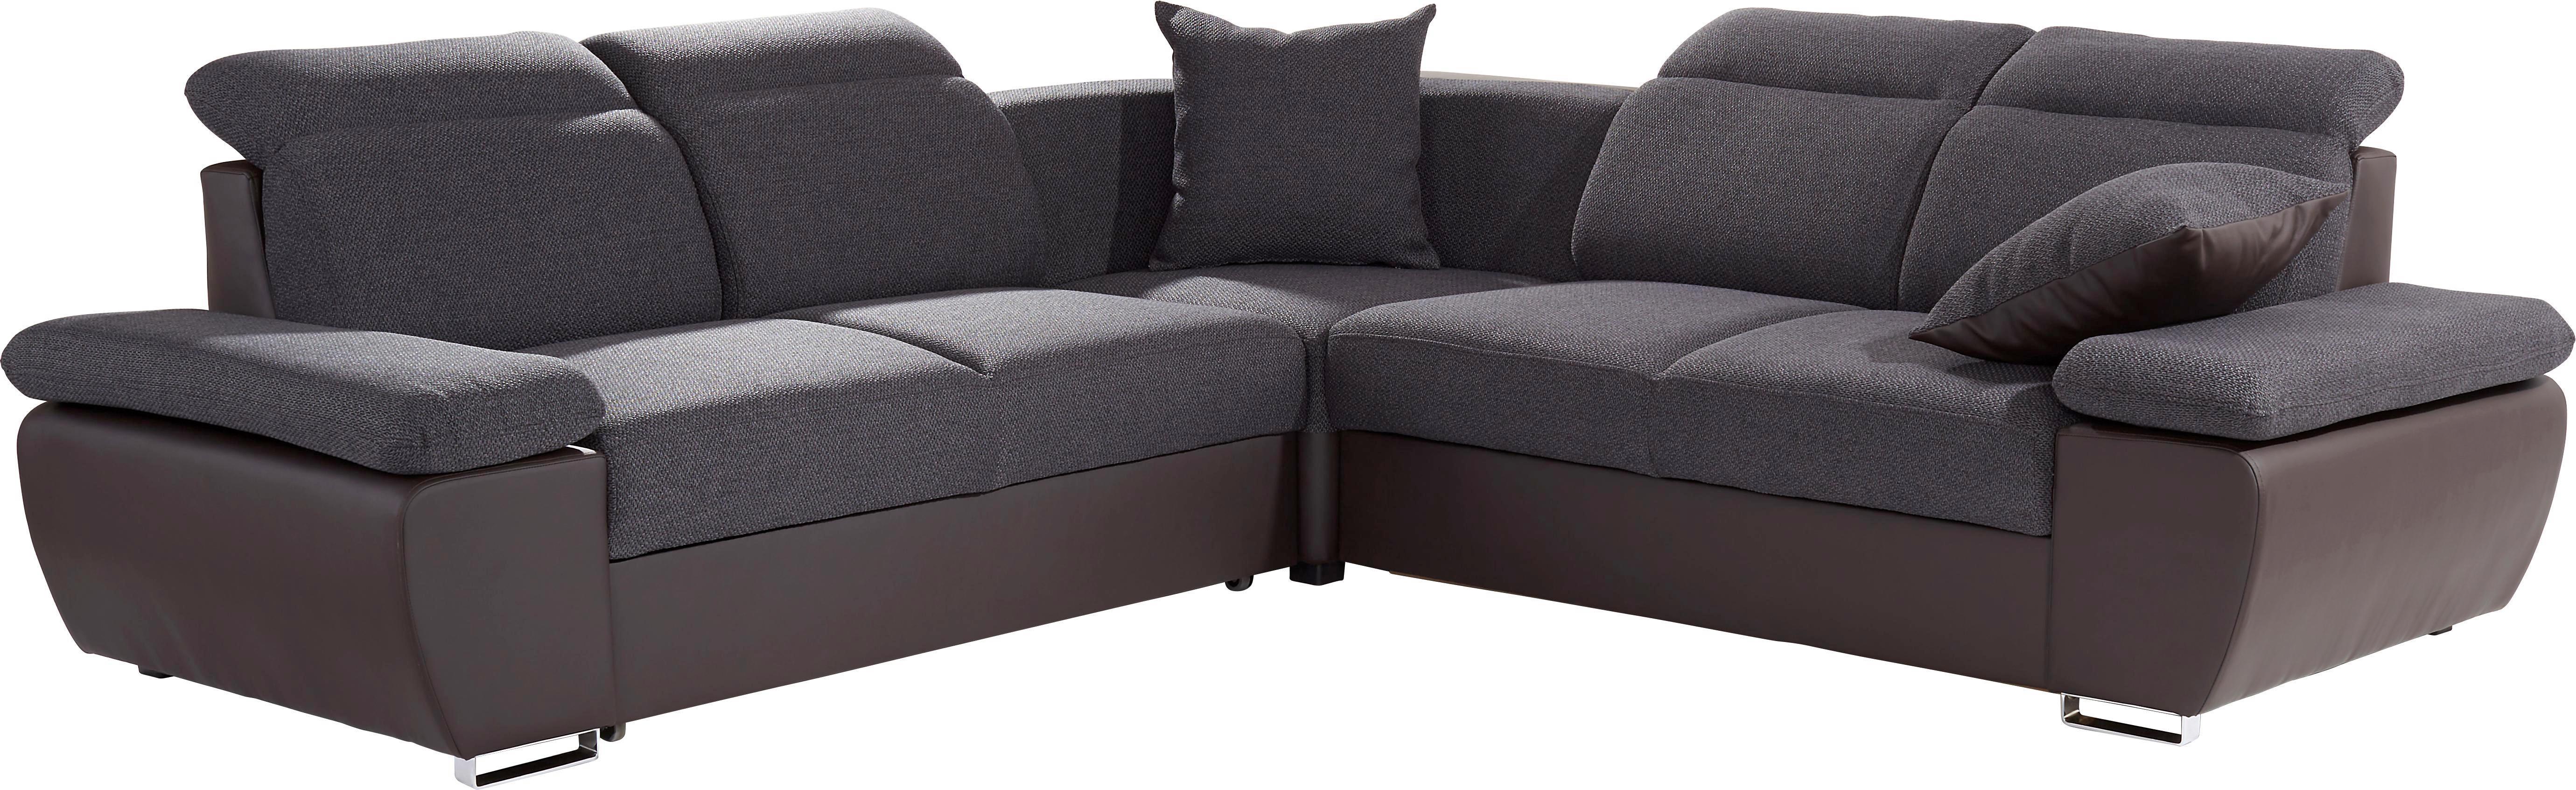 Sedací Souprava Logan - tmavě šedá/hnědá, Moderní, kov/dřevo (270/270cm) - OMBRA